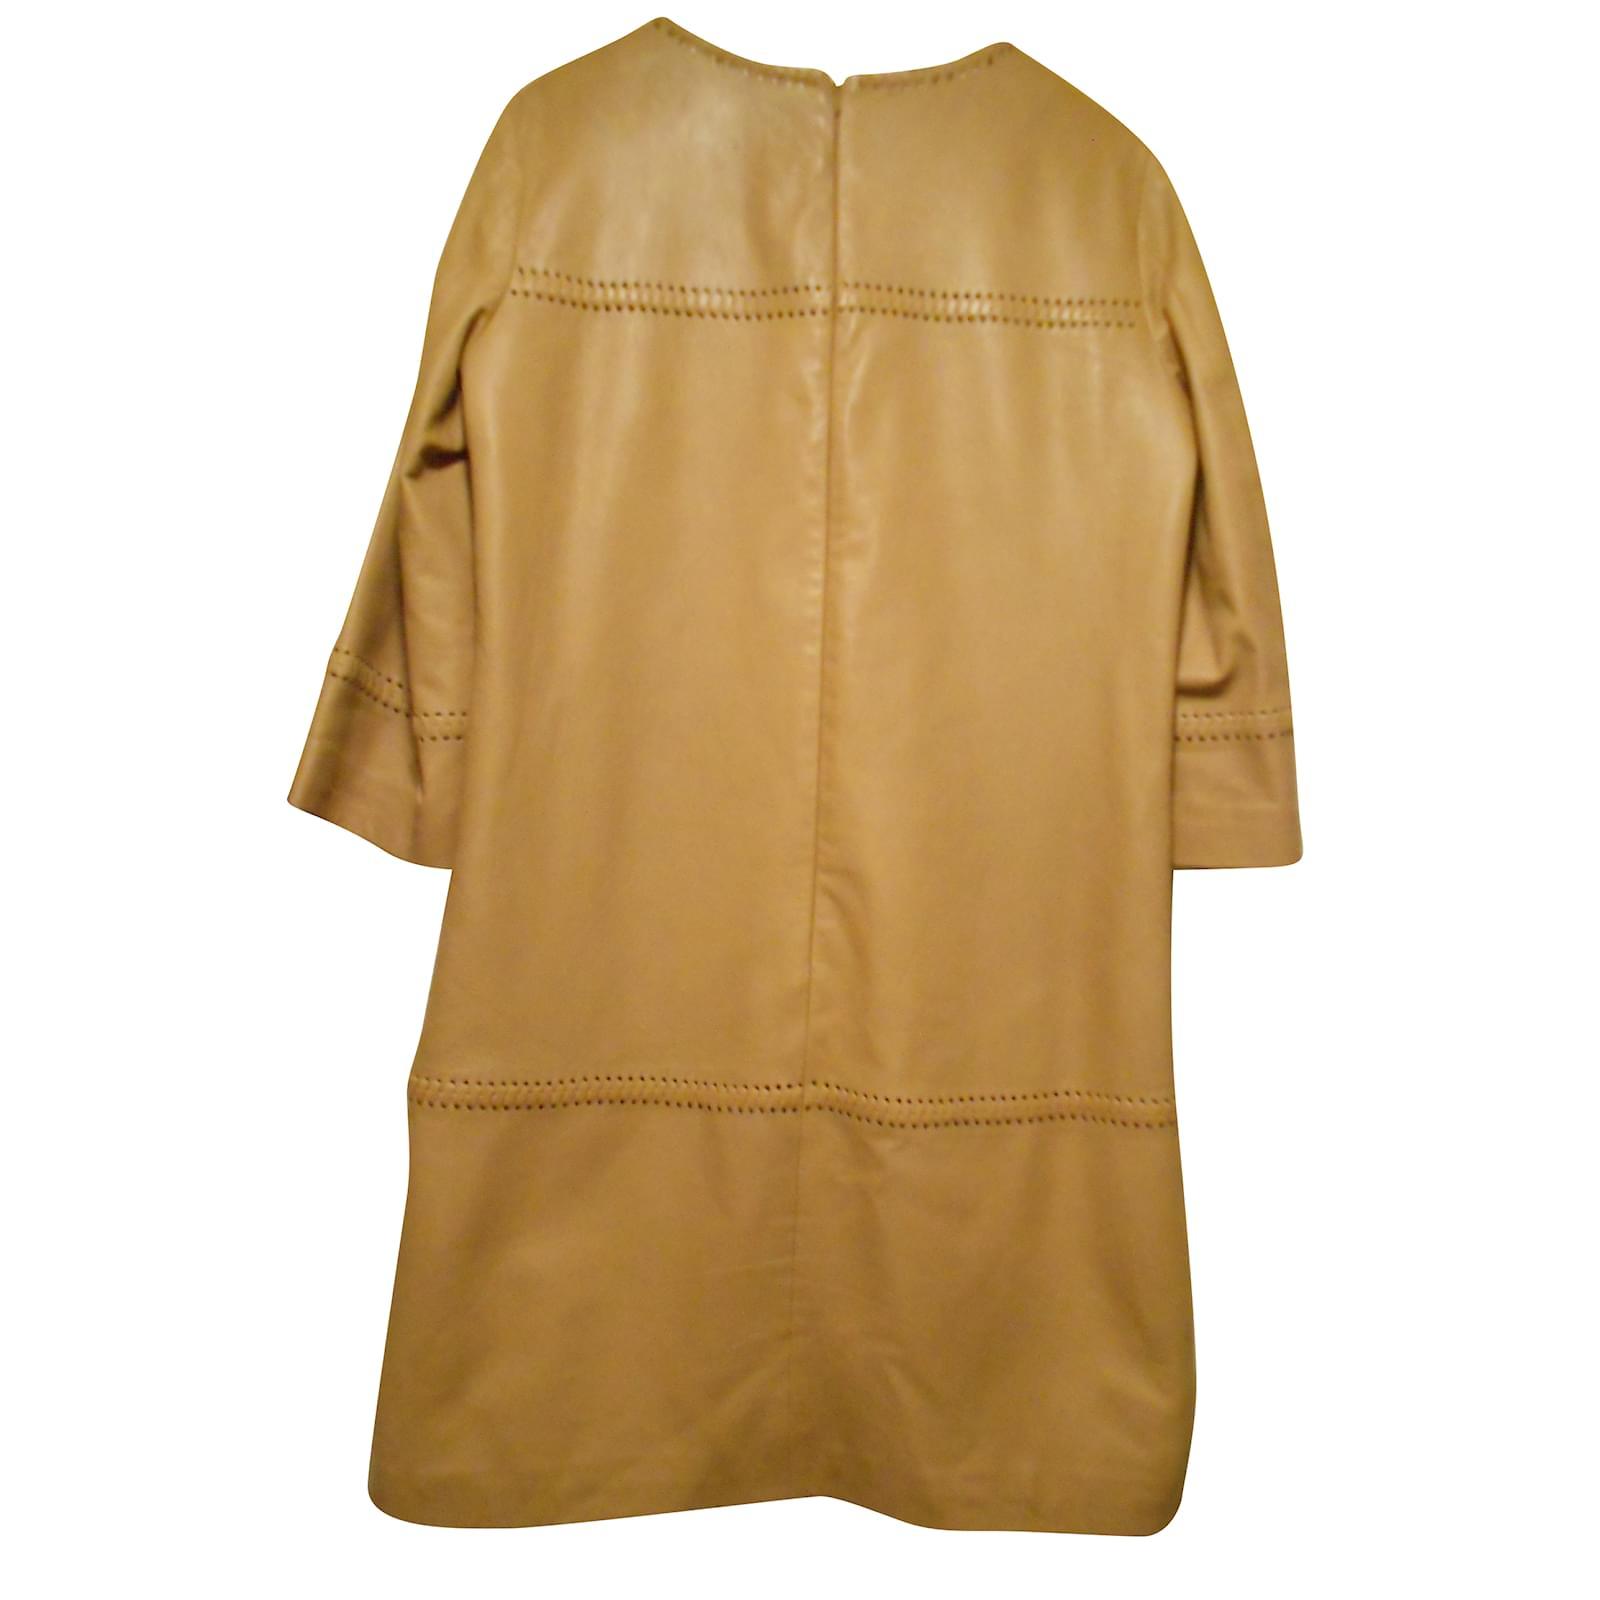 50a06076f23 Robes CAROLL robe 100% peau beige clair laçages manches poitrine et bas Cuir  Beige ref.55100 - Joli Closet